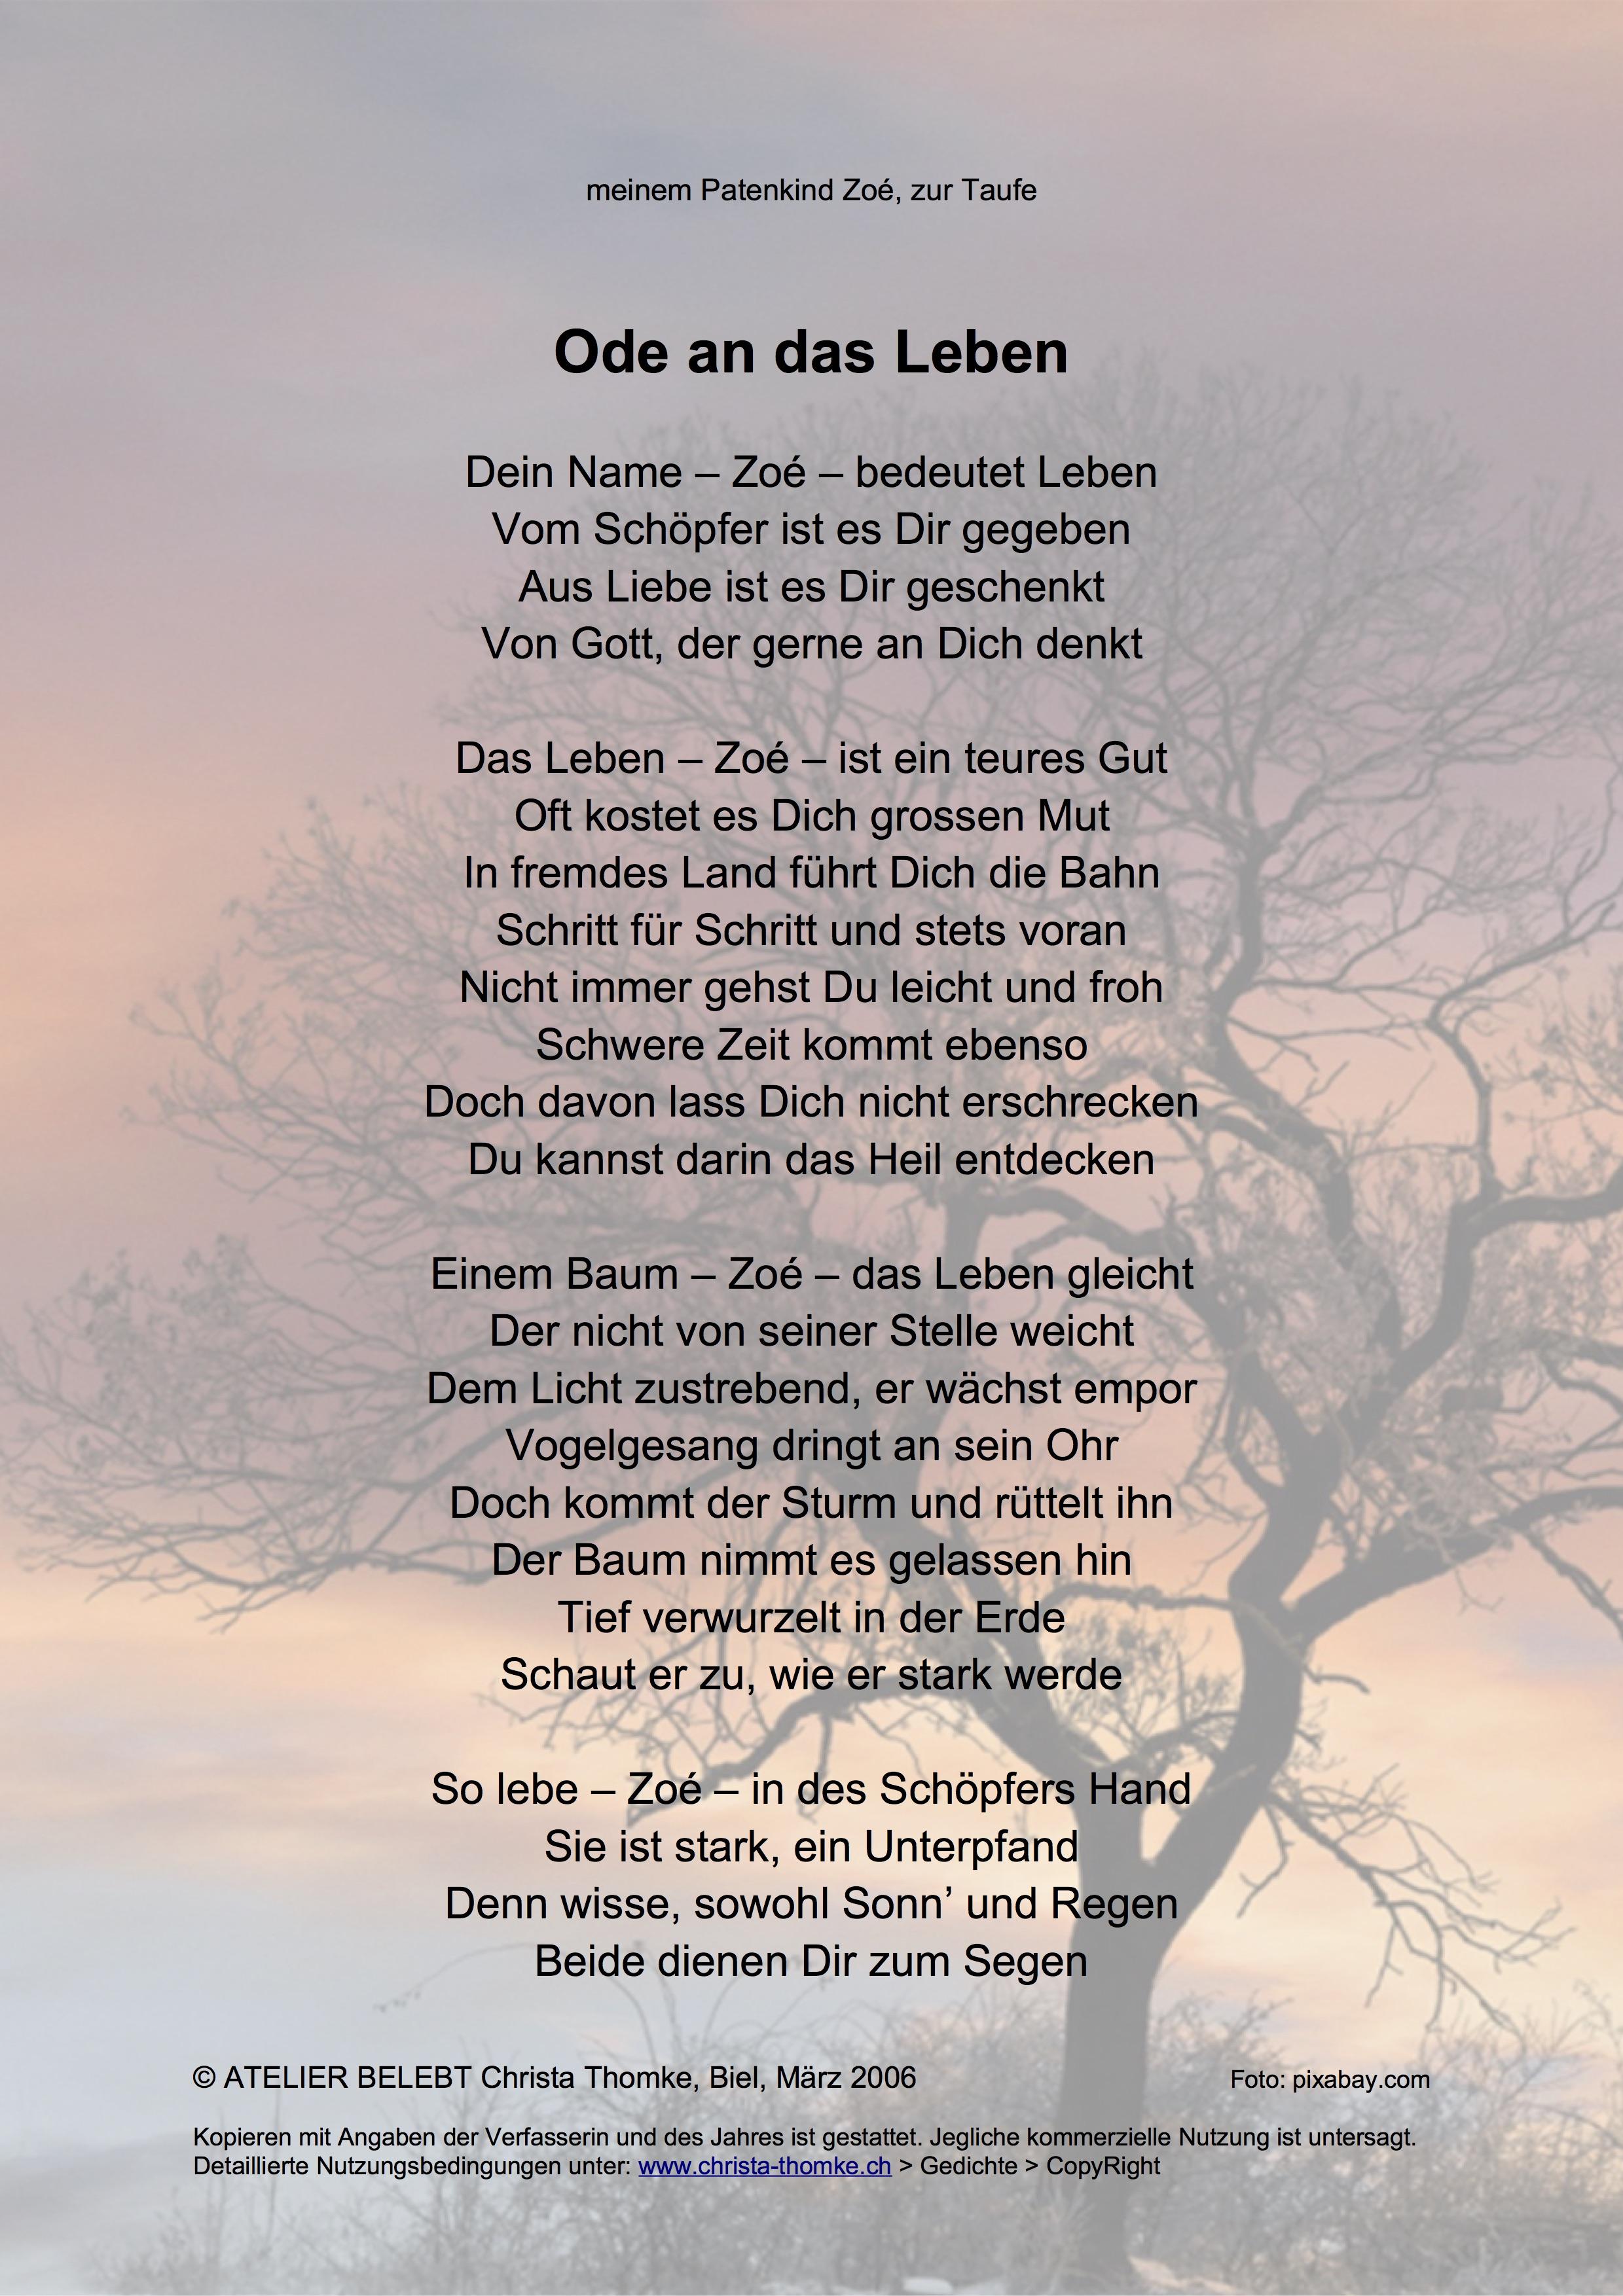 Gedicht Liebe Meines Lebens Gedicht Meines 2019 10 26